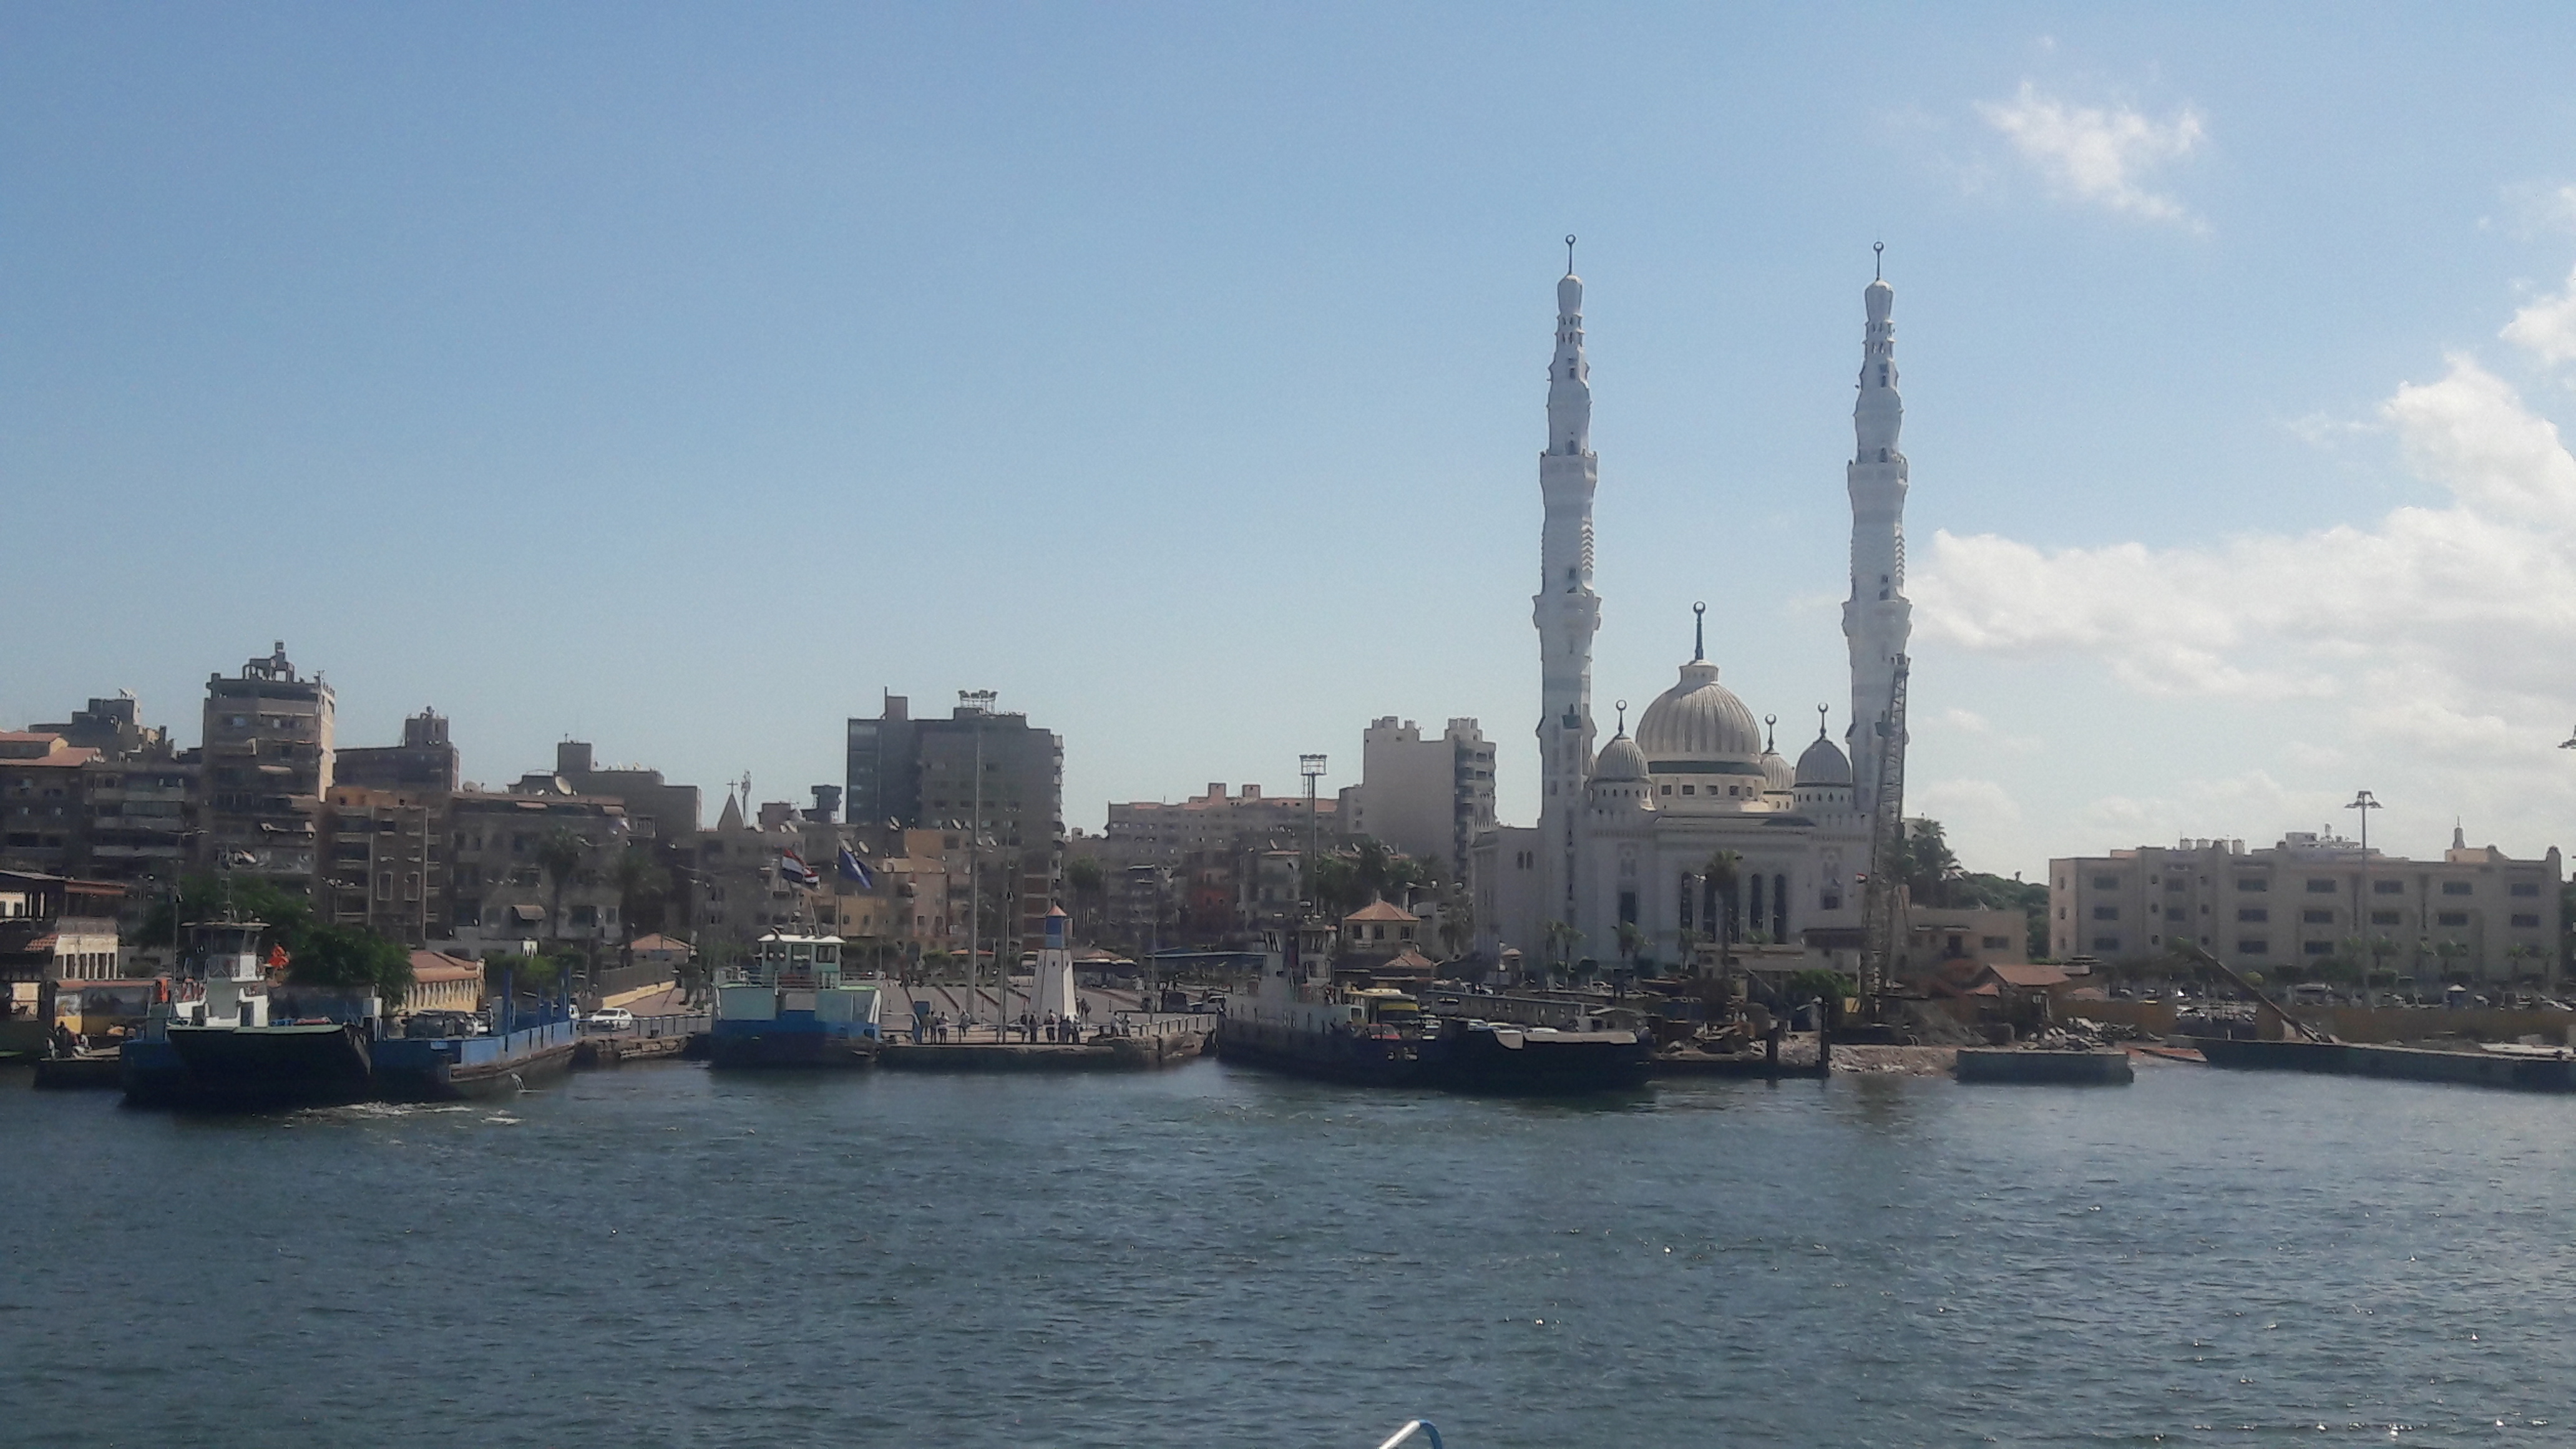 طقس معتدل دافئ على مدينتى بورسعيد وبورفؤاد  (1)